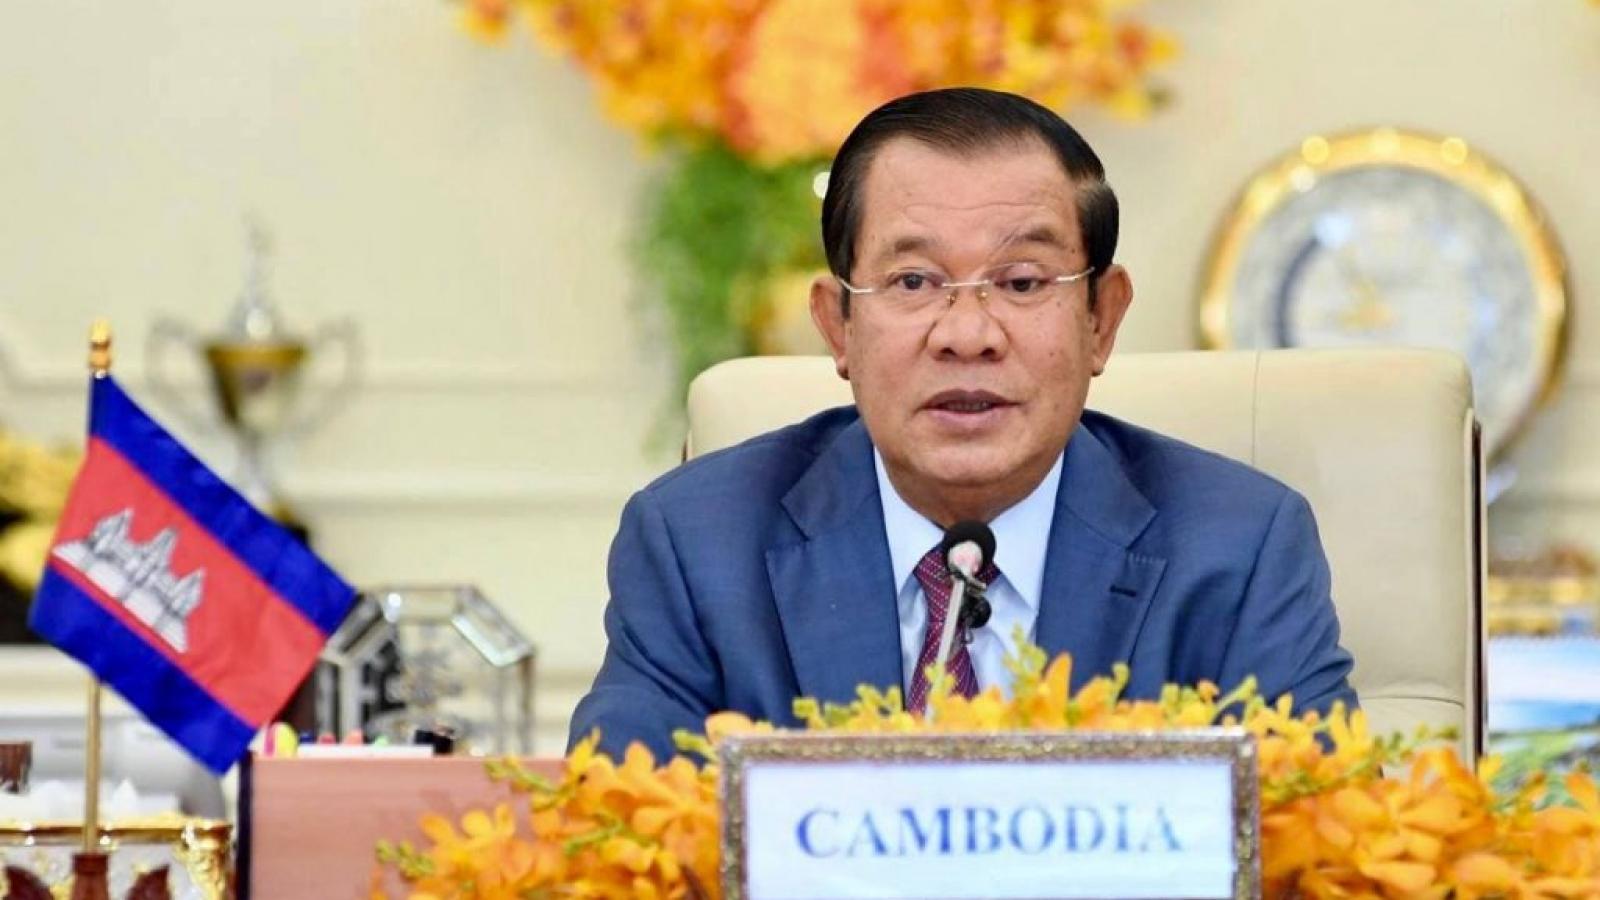 Thủ tướng Campuchia Hun Sen gửi thư chúc mừng tân Thủ tướng Phạm Minh Chính